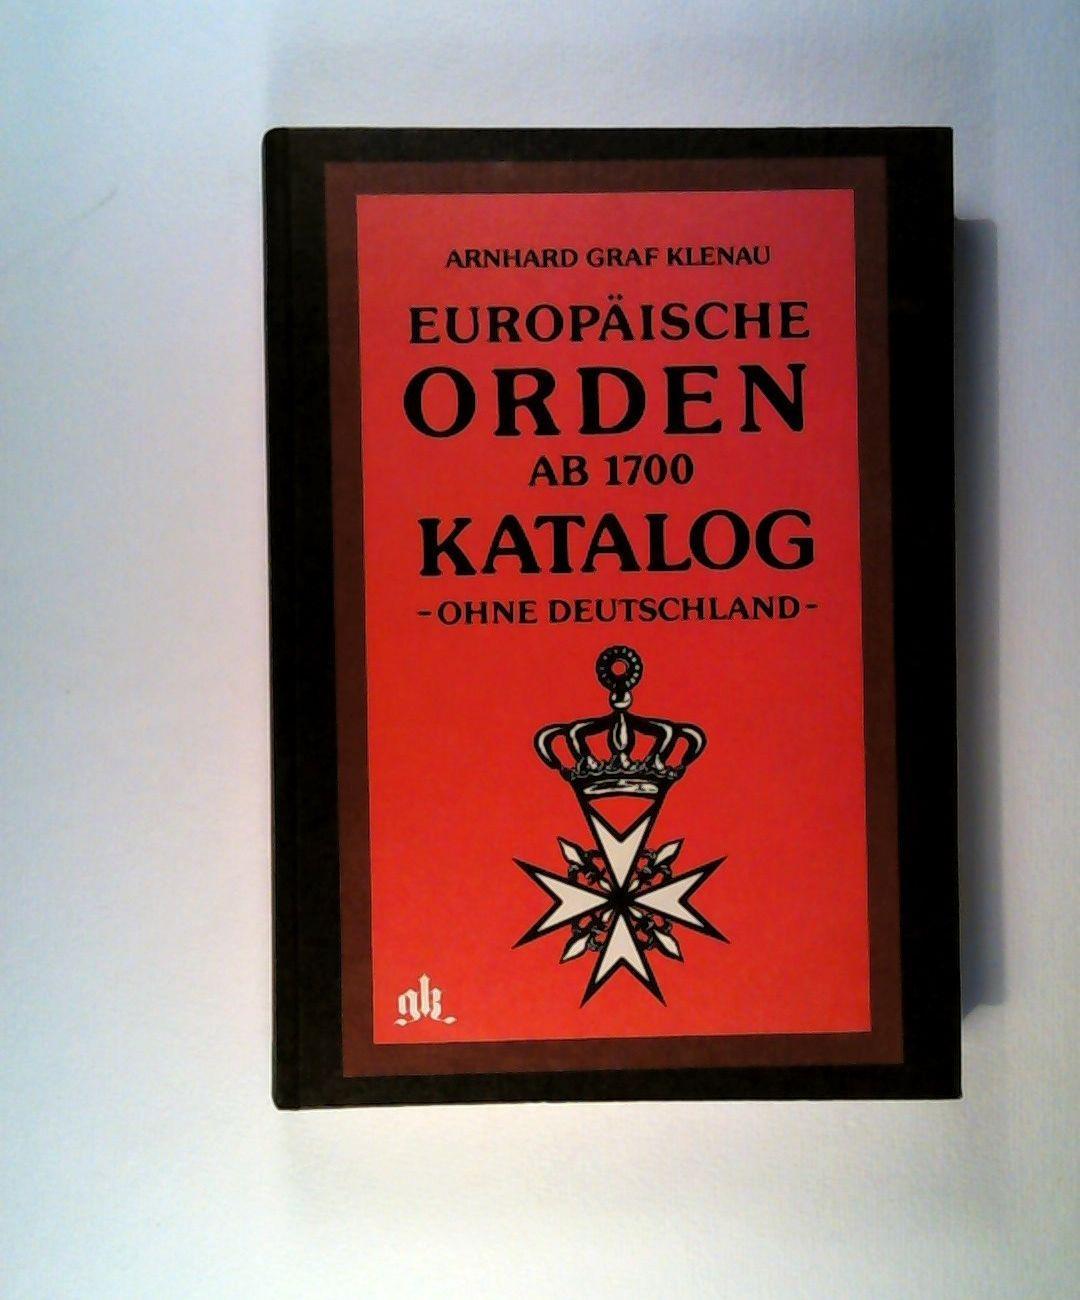 Europäische Orden Ab 1700 Katalog - Ohne: Klenau, Arnhard Graf: